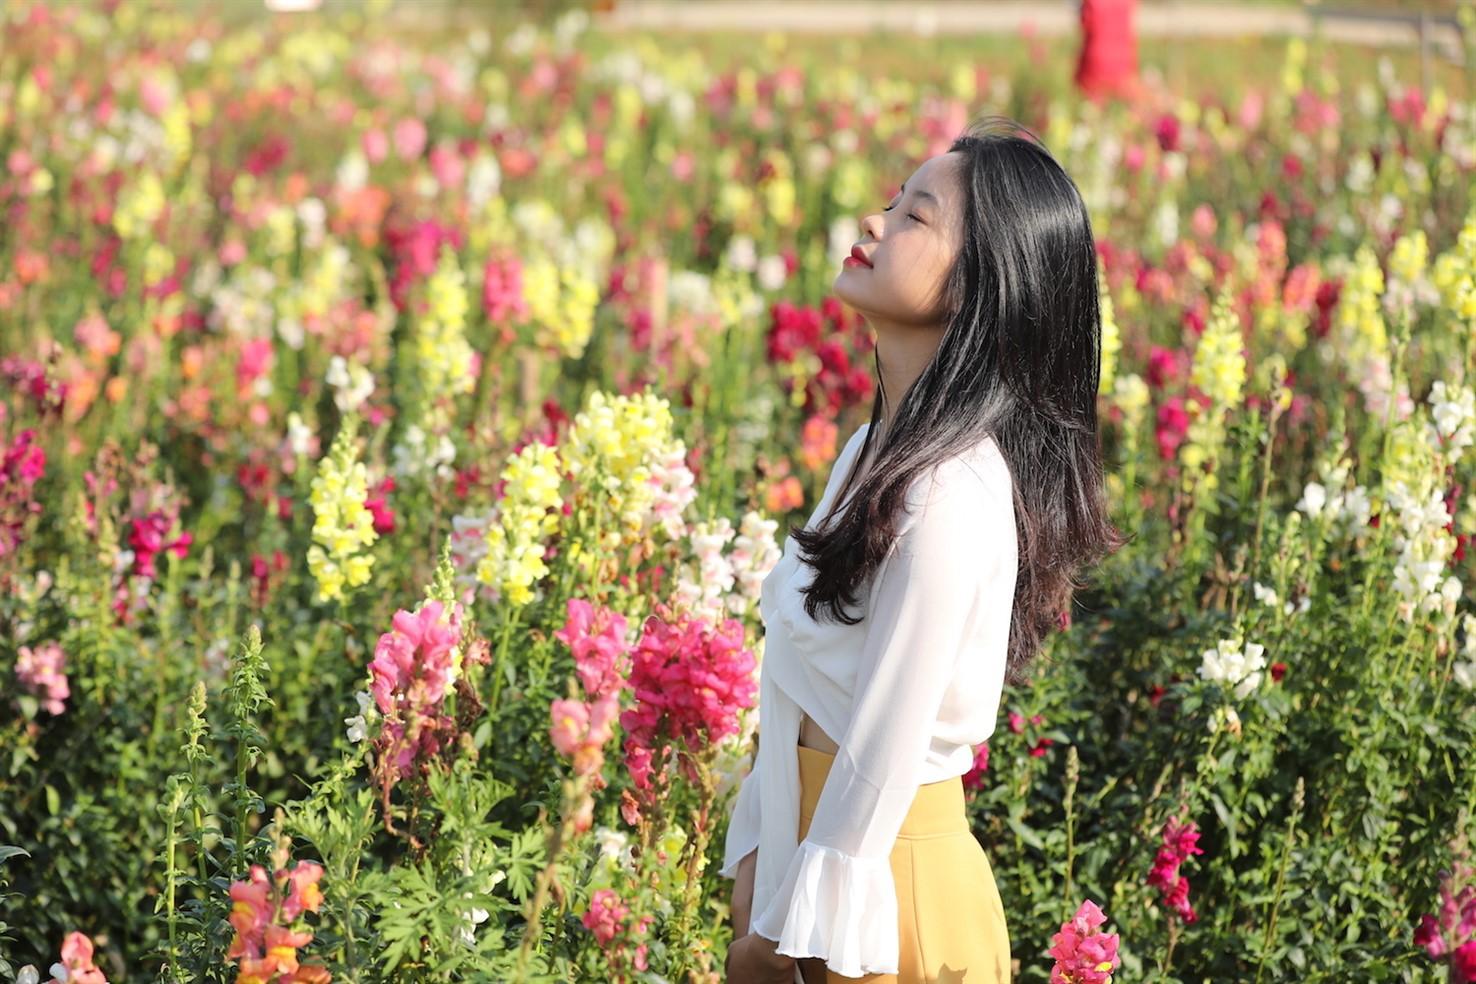 Ngỡ ngàng biển hoa tím đẹp như cổ tích tại Fansipan - Ảnh 6.